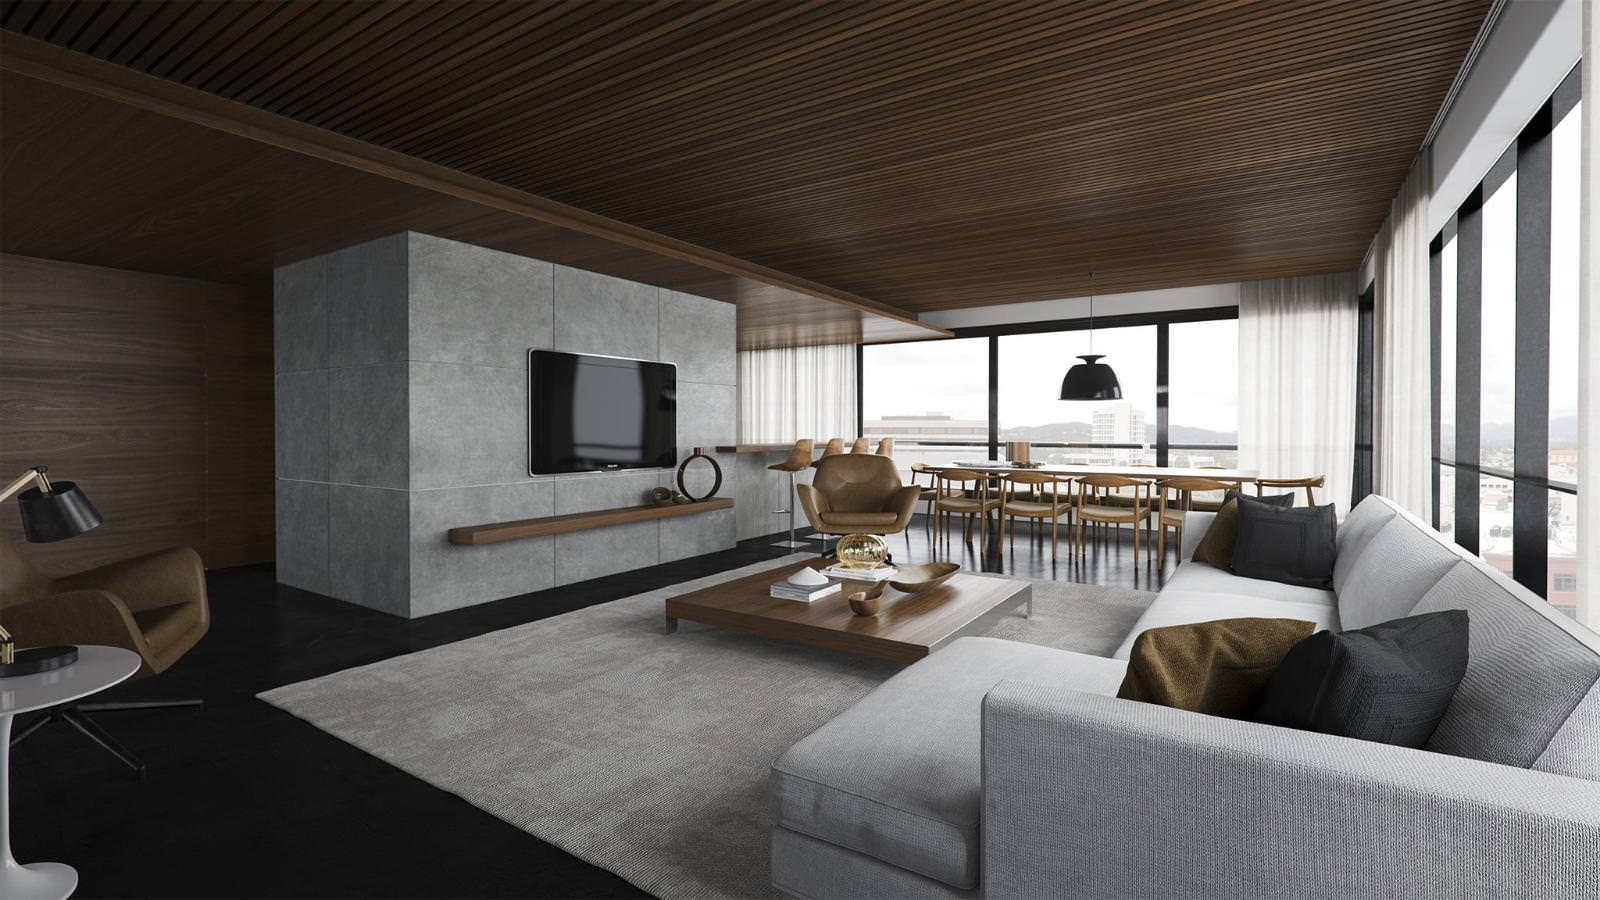 20 Kreative Wohnzimmer Für Art Inspiration